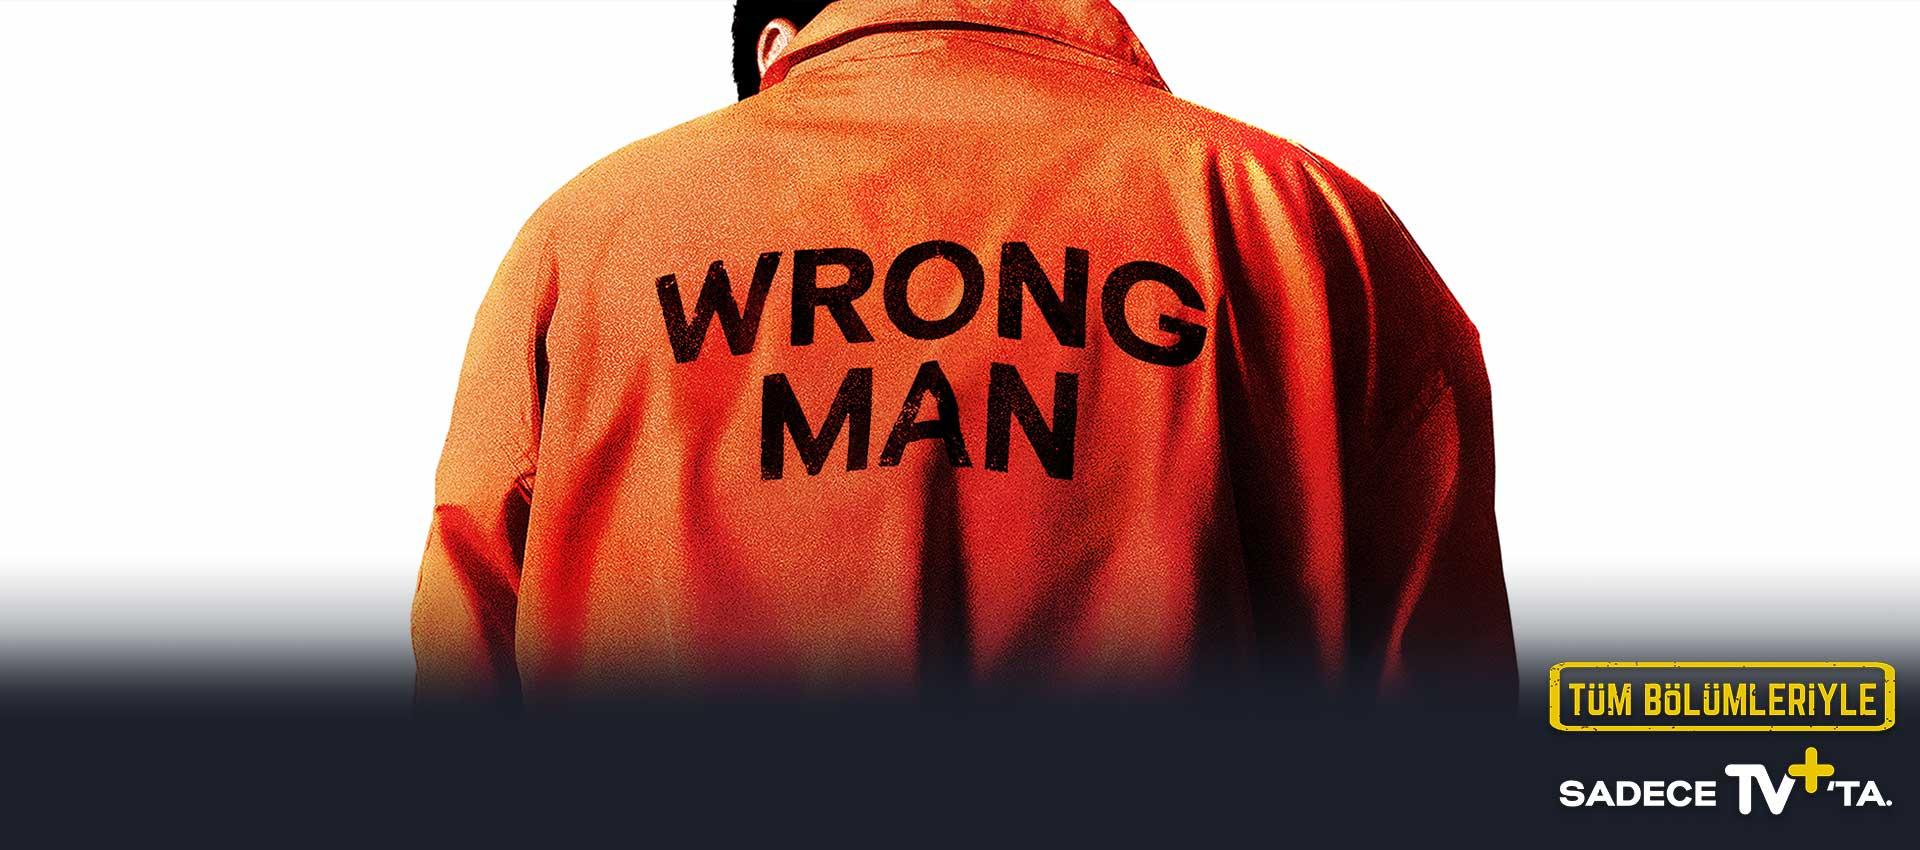 Wrong Man belgesel izle türkçe izle hd izle